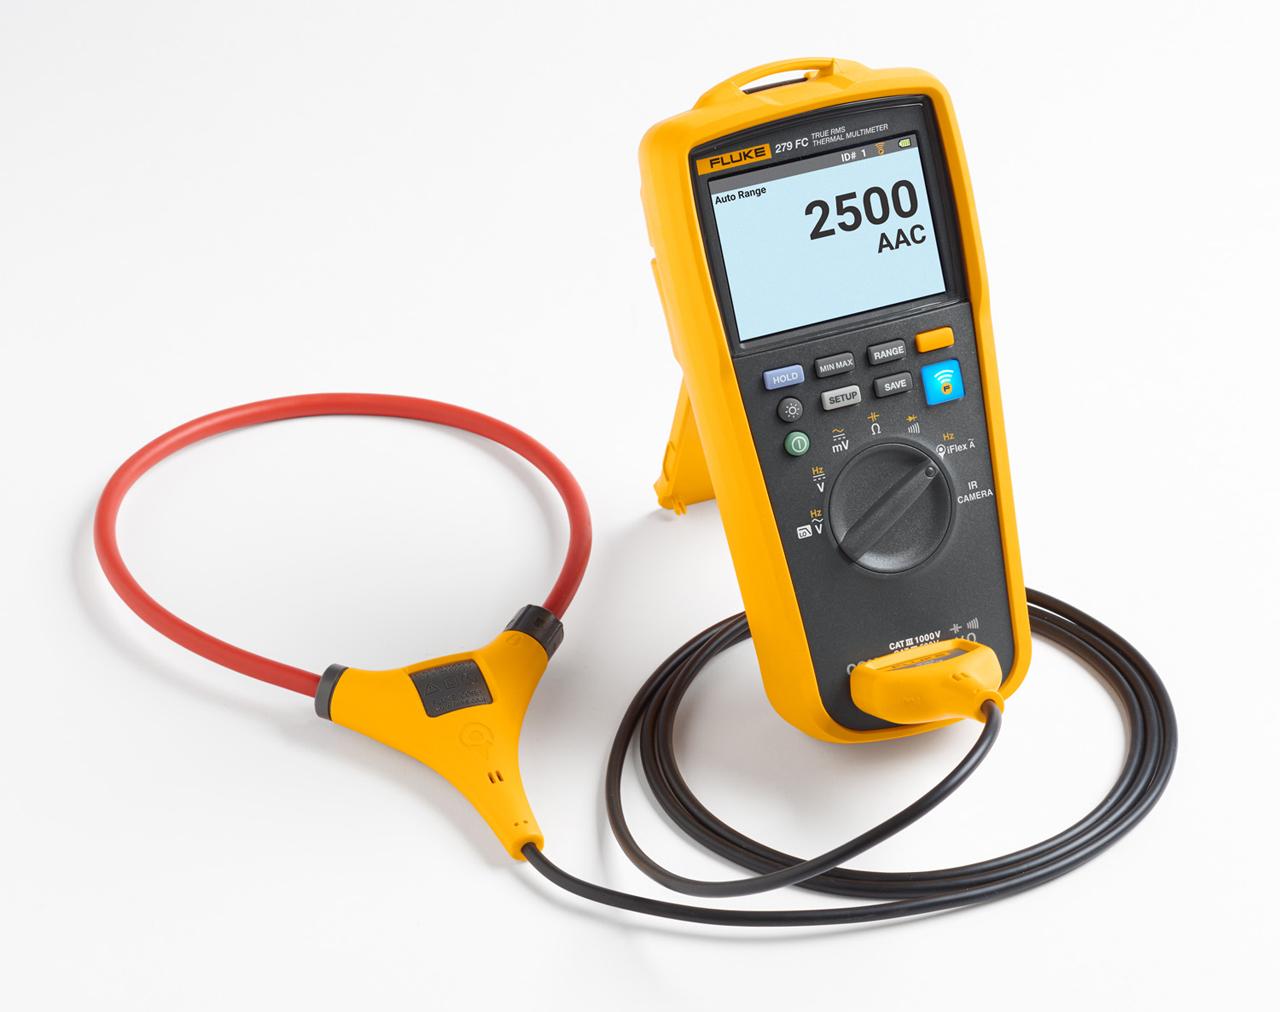 FLUKE Full Featured Digital Multimeters in Dubai,UAE - 279FC-IFLEX from AABTools